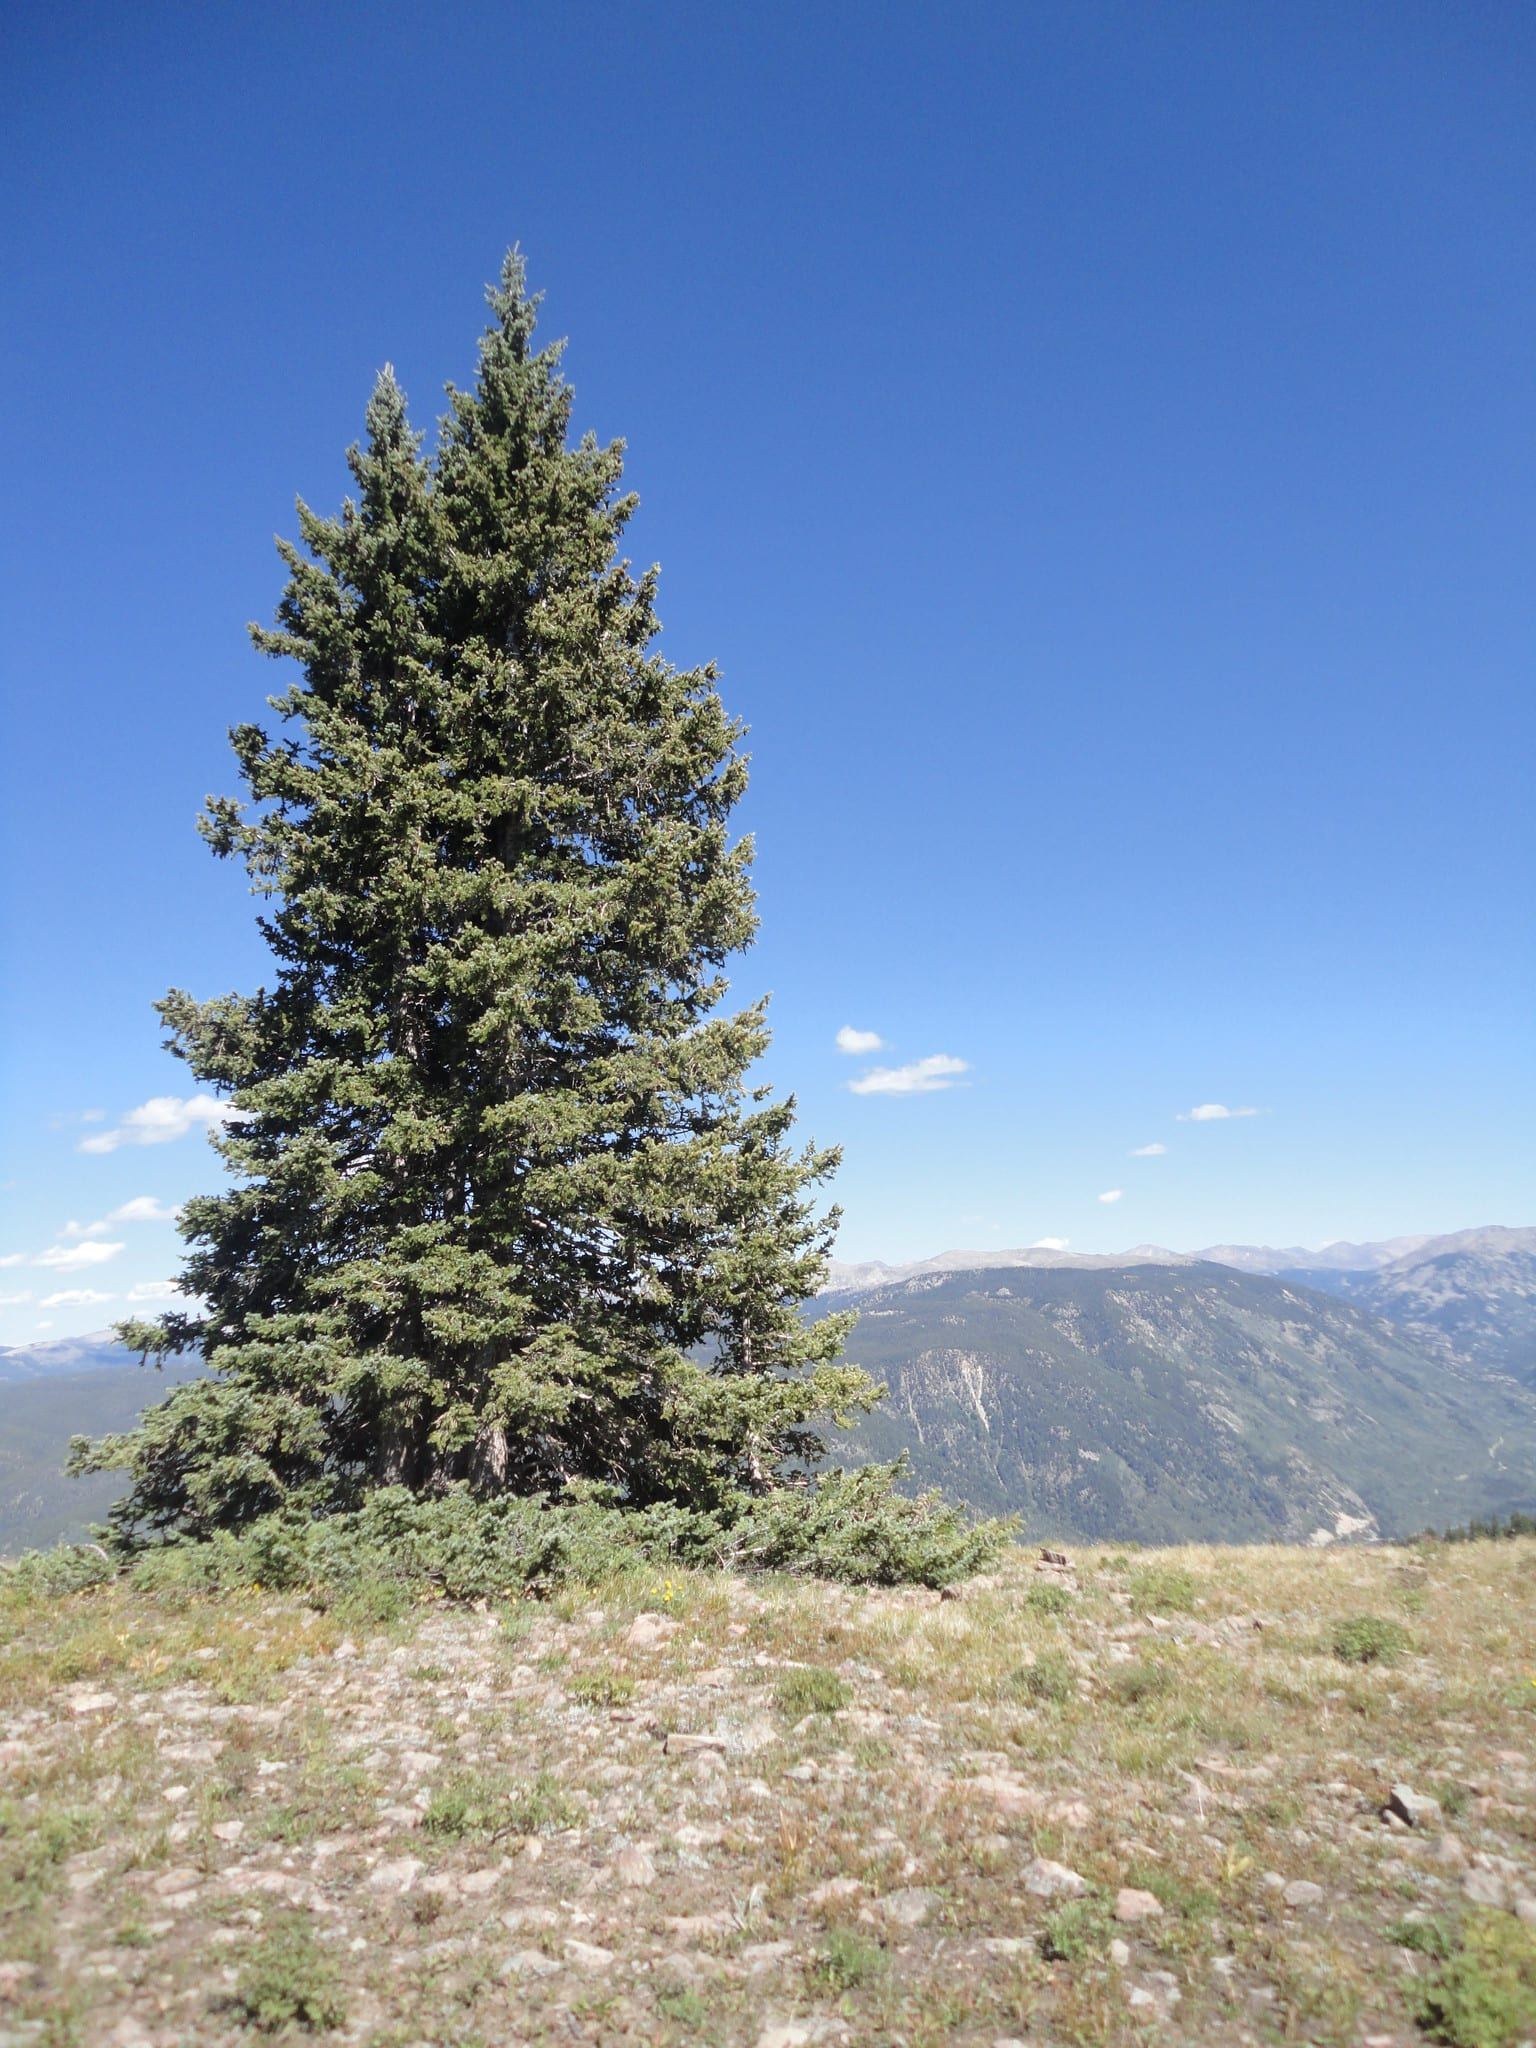 douglas fir in Colorado